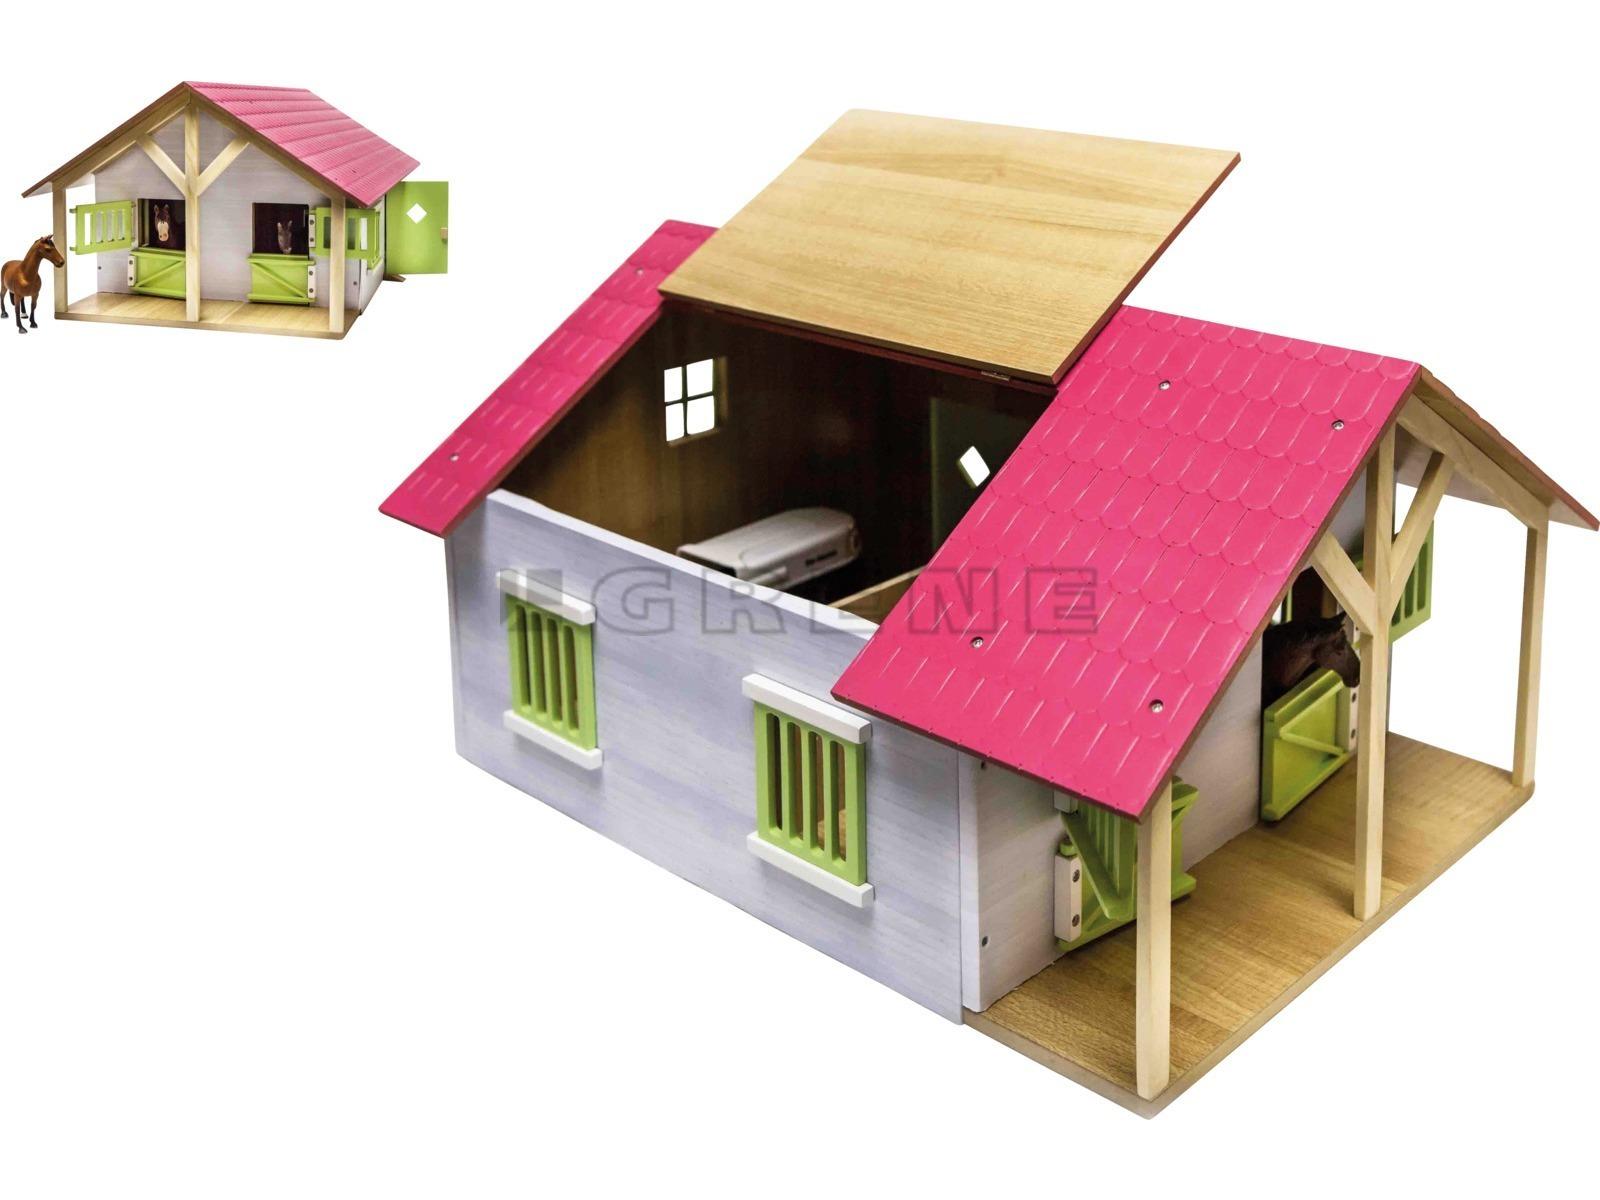 Roze Paardenstal hout met 2 boxen en berging 51x40,5x27,5cm